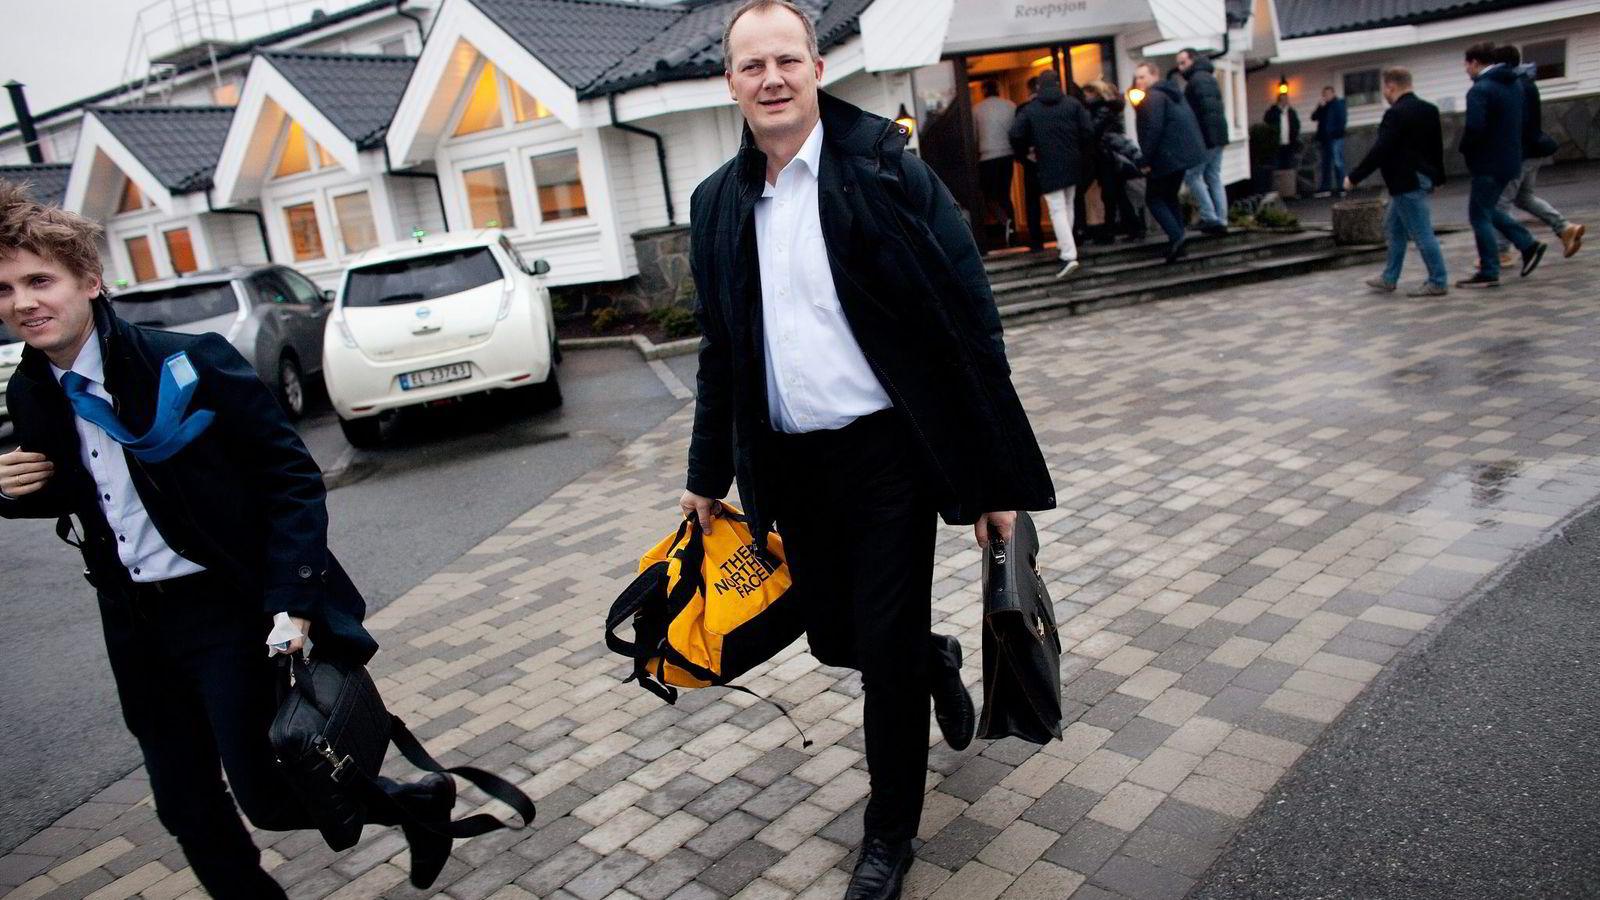 – Vi vil vurdere statlige pålegg mot de kommuner som stiller uhildede krav, sier samferdselsminister Ketil Solvik-Olsen.